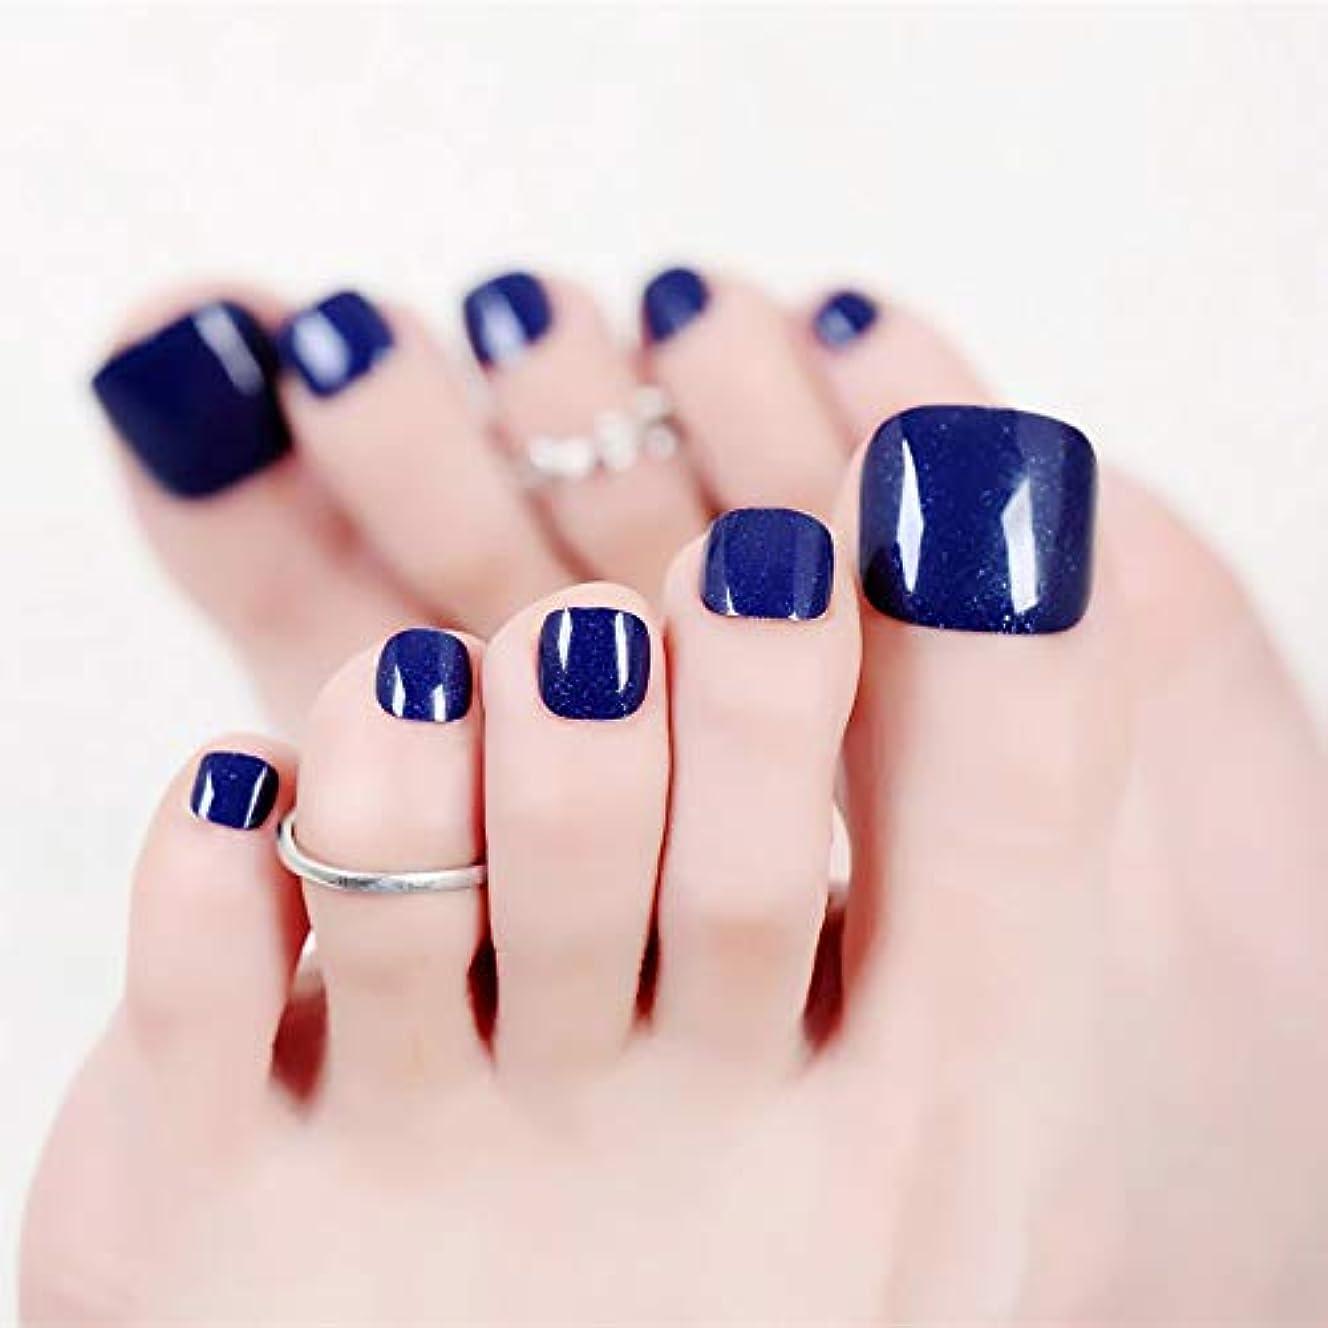 学ぶみぞれイーウェルSIFASHION 足指の爪 無地ネイルチップ 足用 24枚入 ロイヤルブルー 花嫁のネイルチップ 足 ネイル スカルプ ビーチ パーティー 24PCS